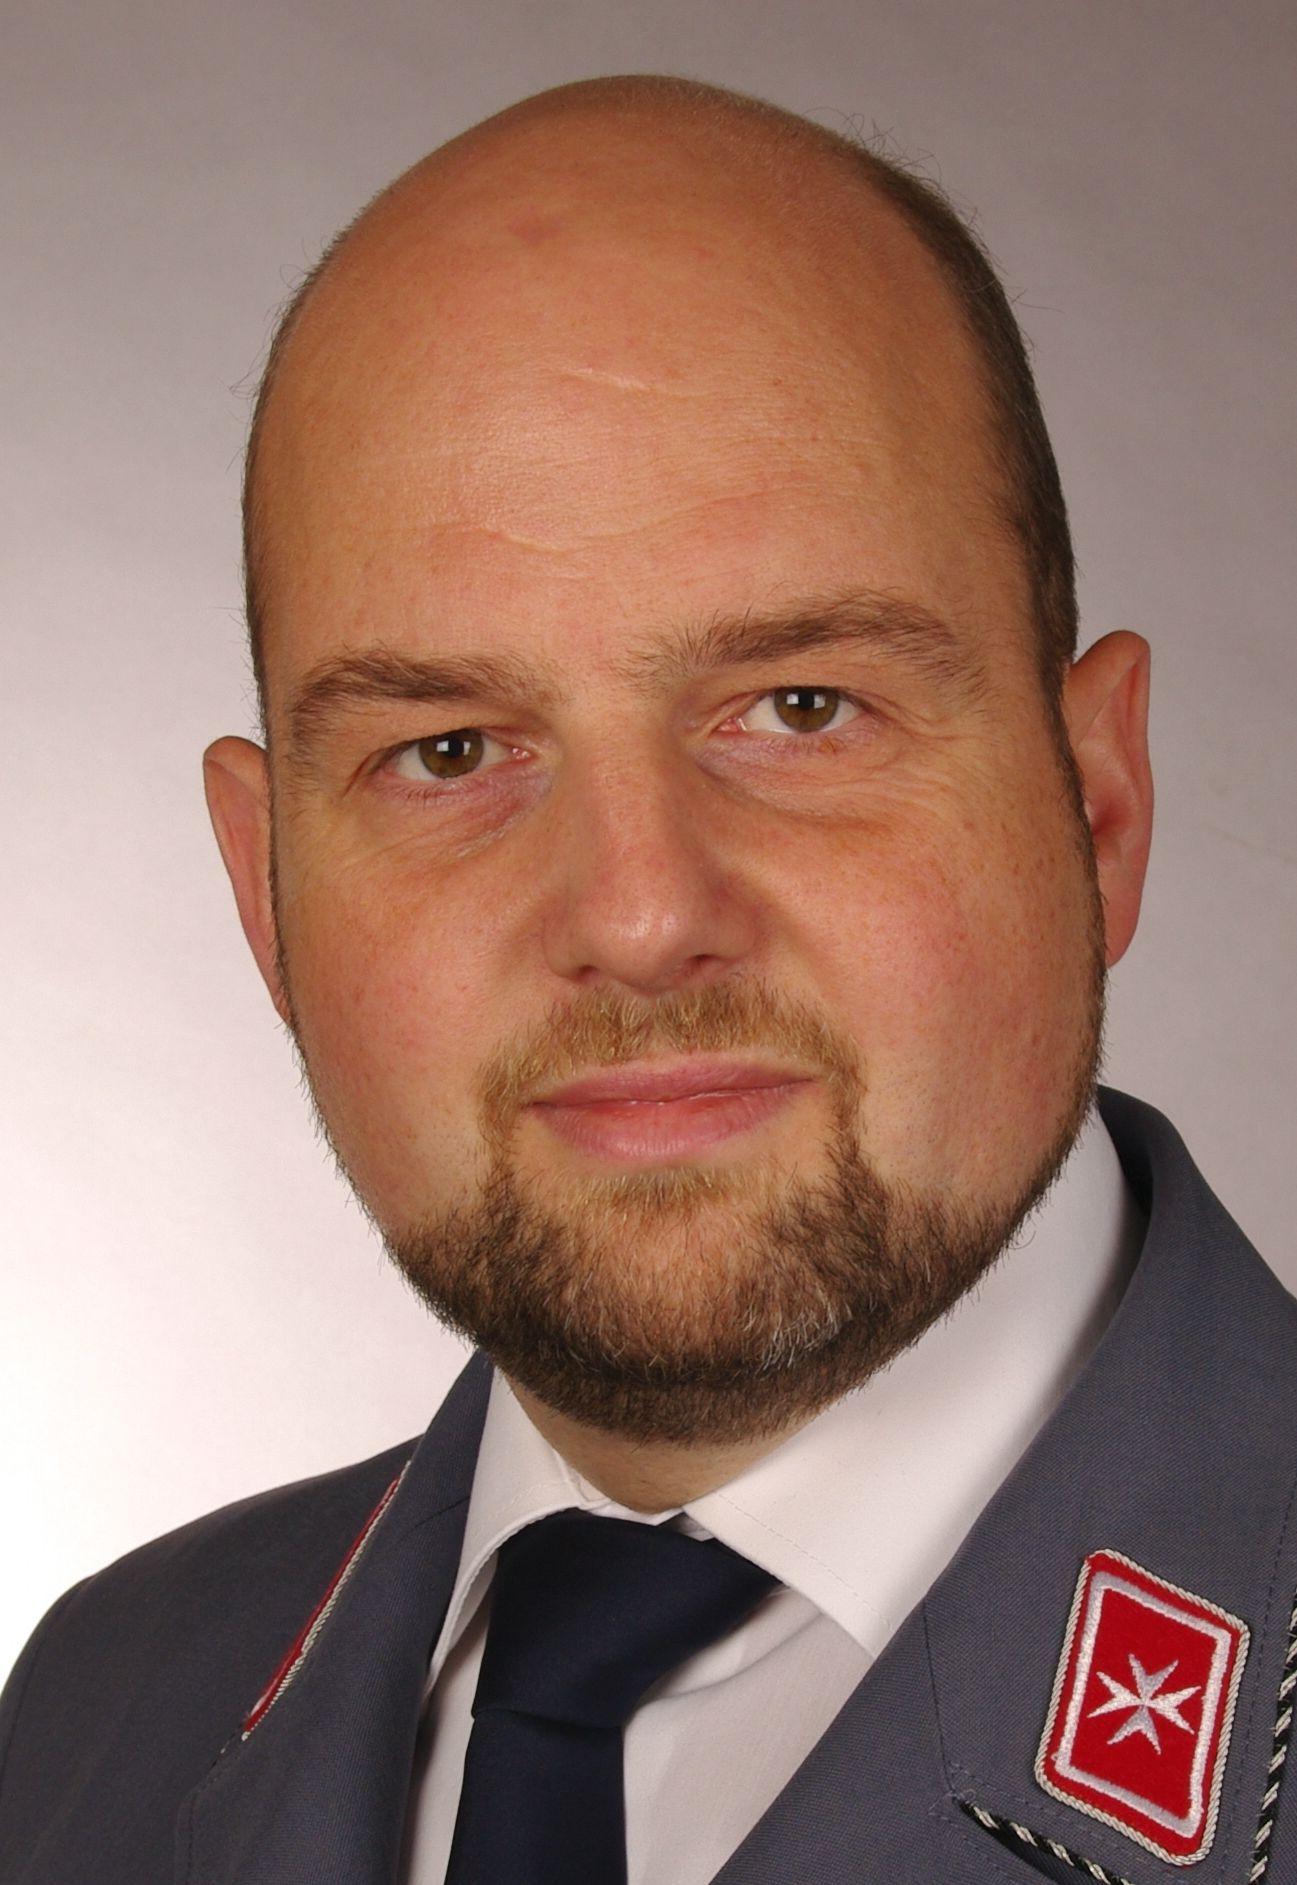 Markus Bensmann